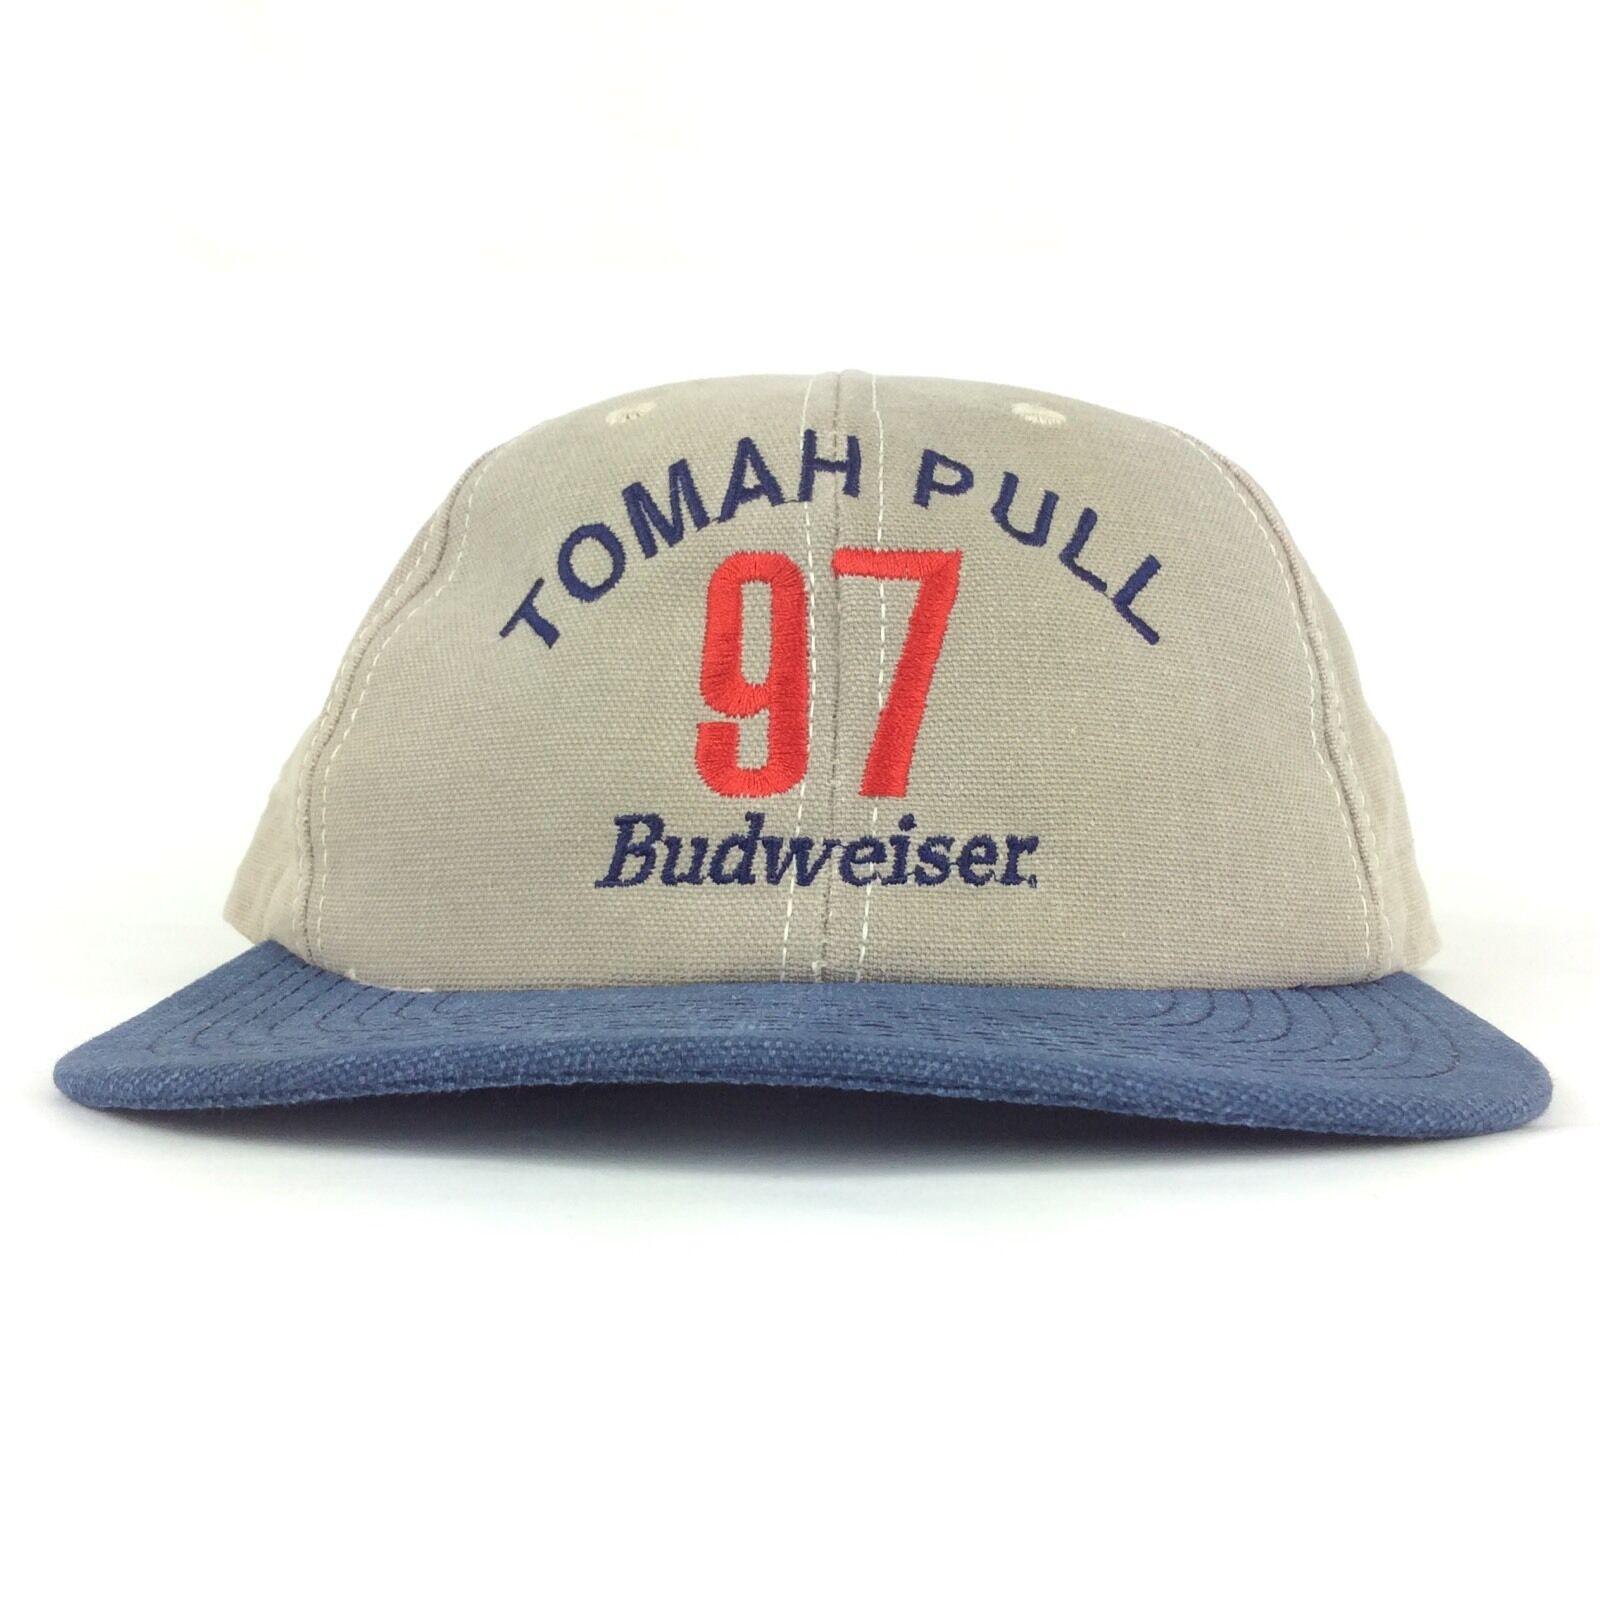 Vtg Hat 1997 TOMAH PULL Tractor Budweiser Logo Baseball Cap Hat Vtg Sm-Med Made in USA 9d4ca0